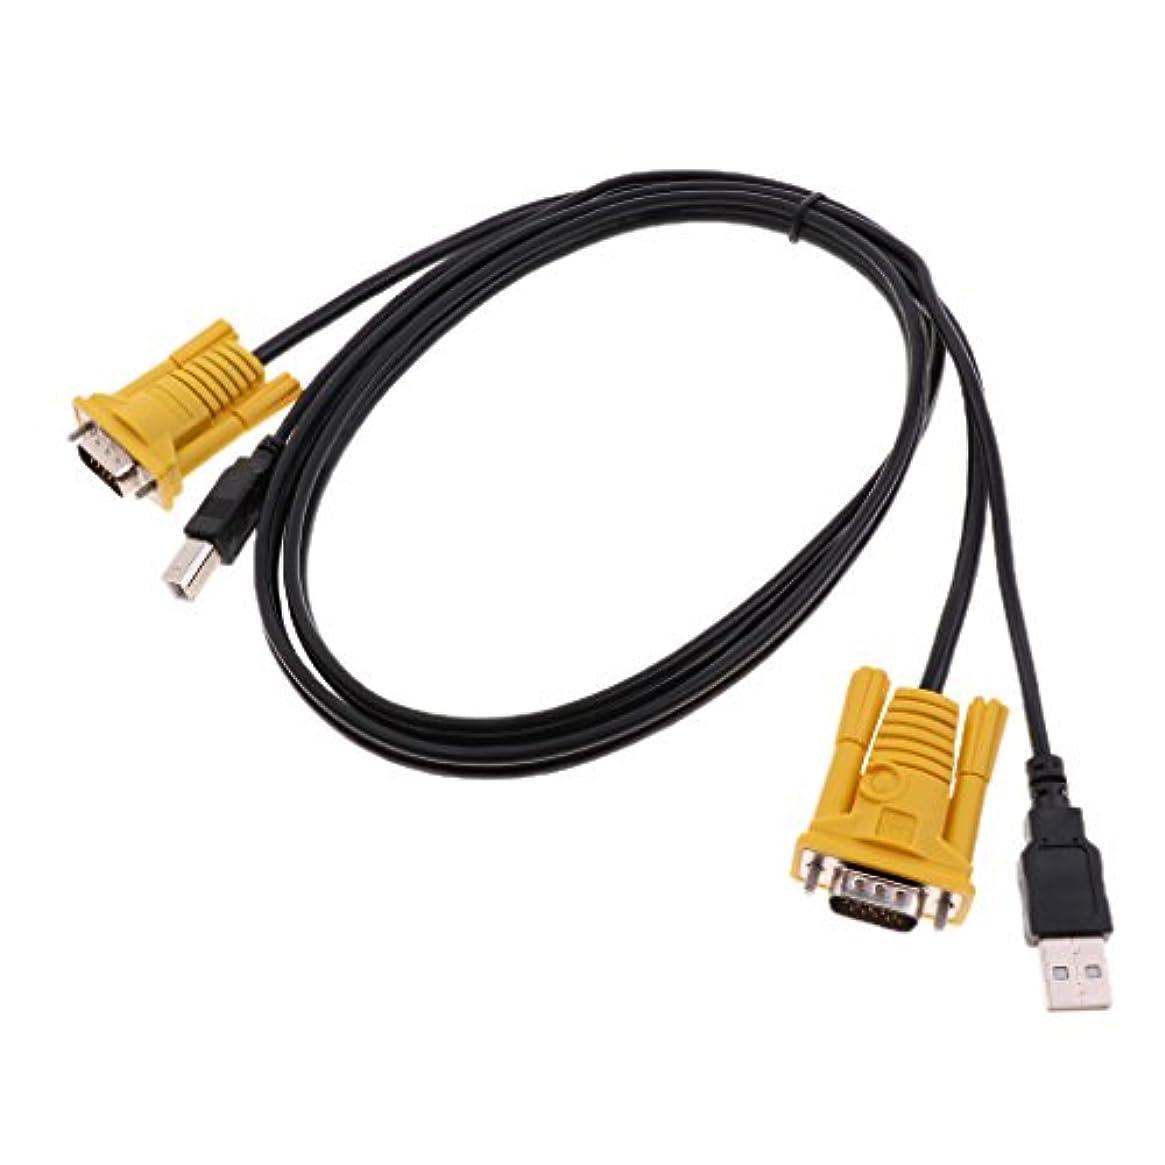 均等に議論する水銀のPerfk 金属 KVM スイッチケーブル USB オス→BM デュアル オス VGAケーブル コンピュータ用 3-in-1